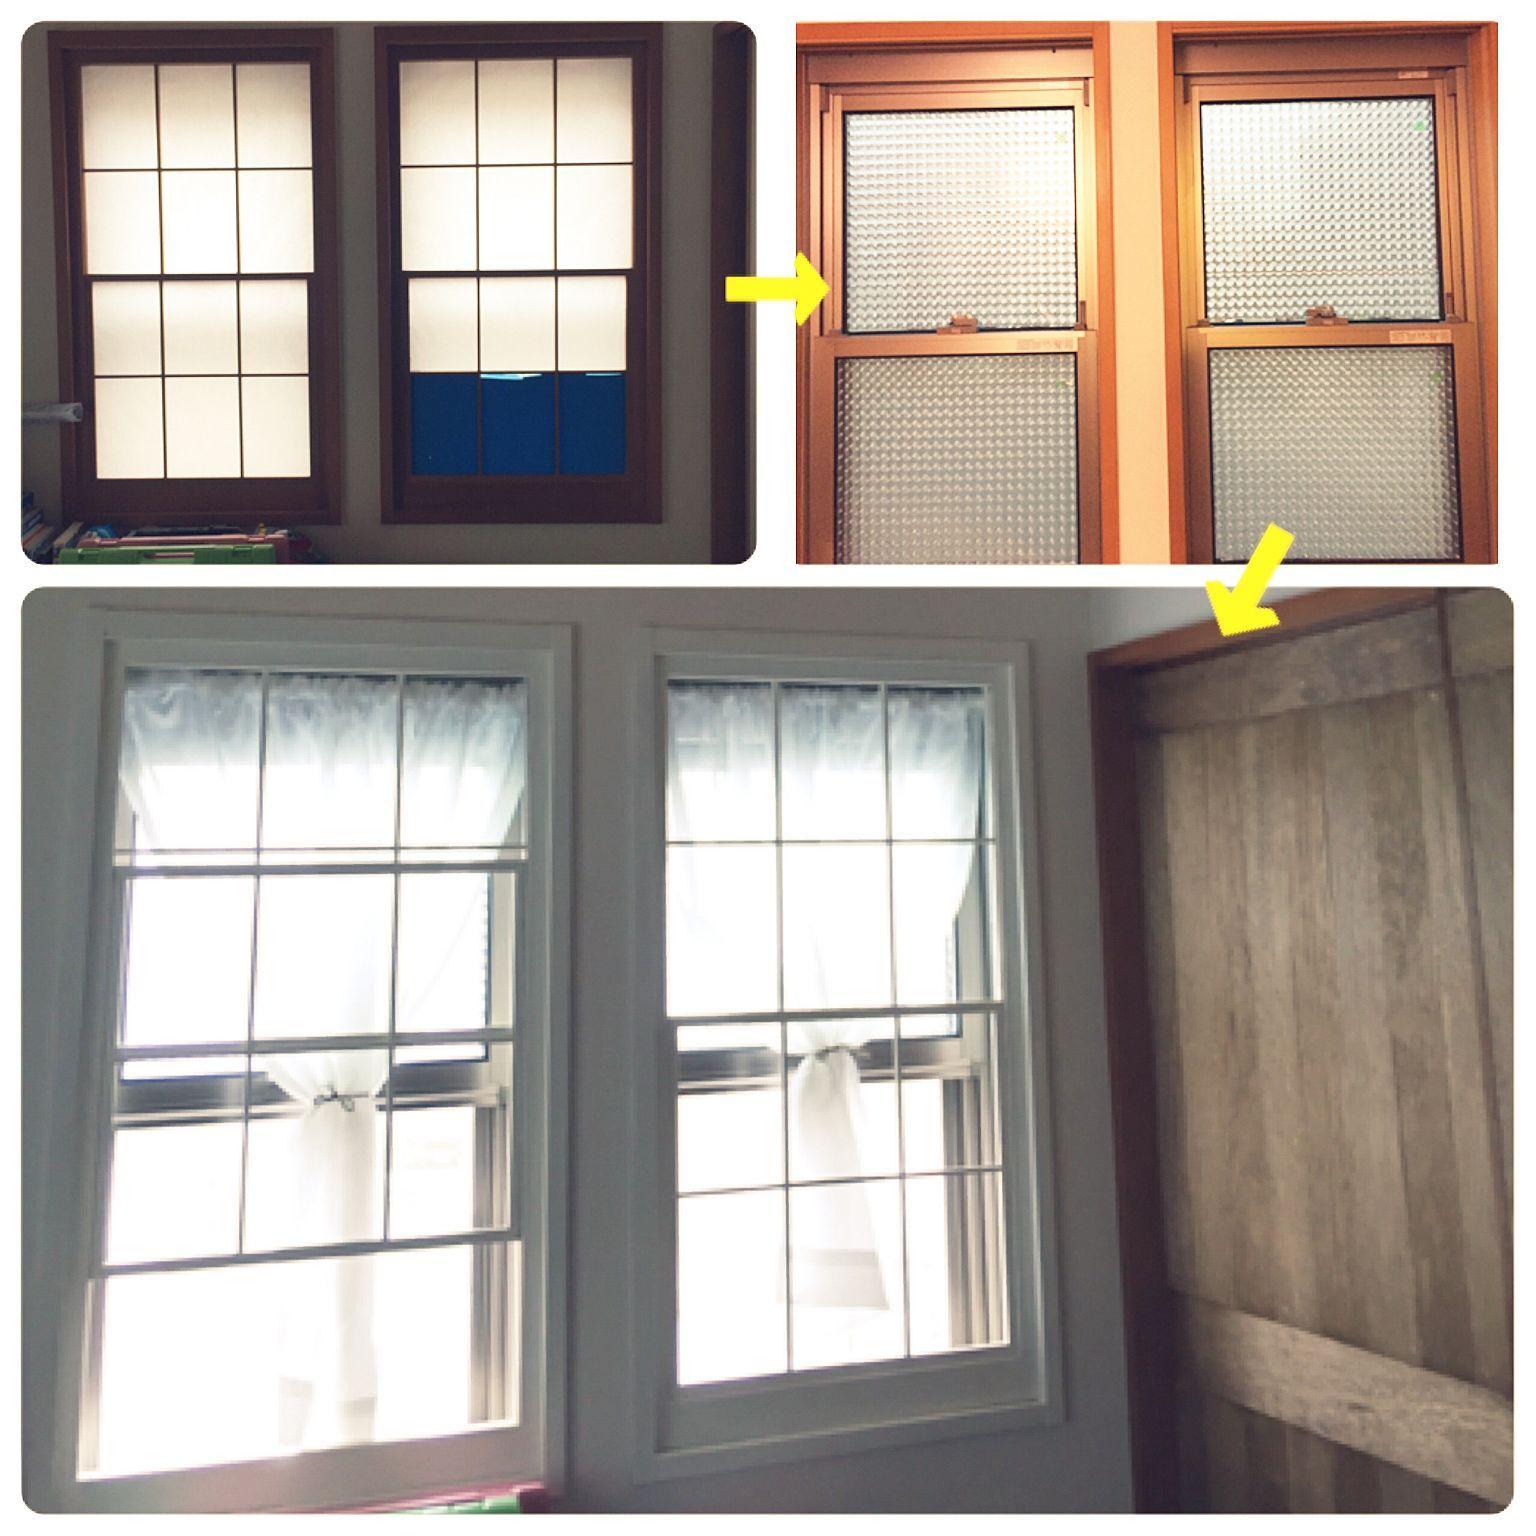 壁 天井 障子枠リメイク 窓飾りシート 和室を洋室に Diy などの